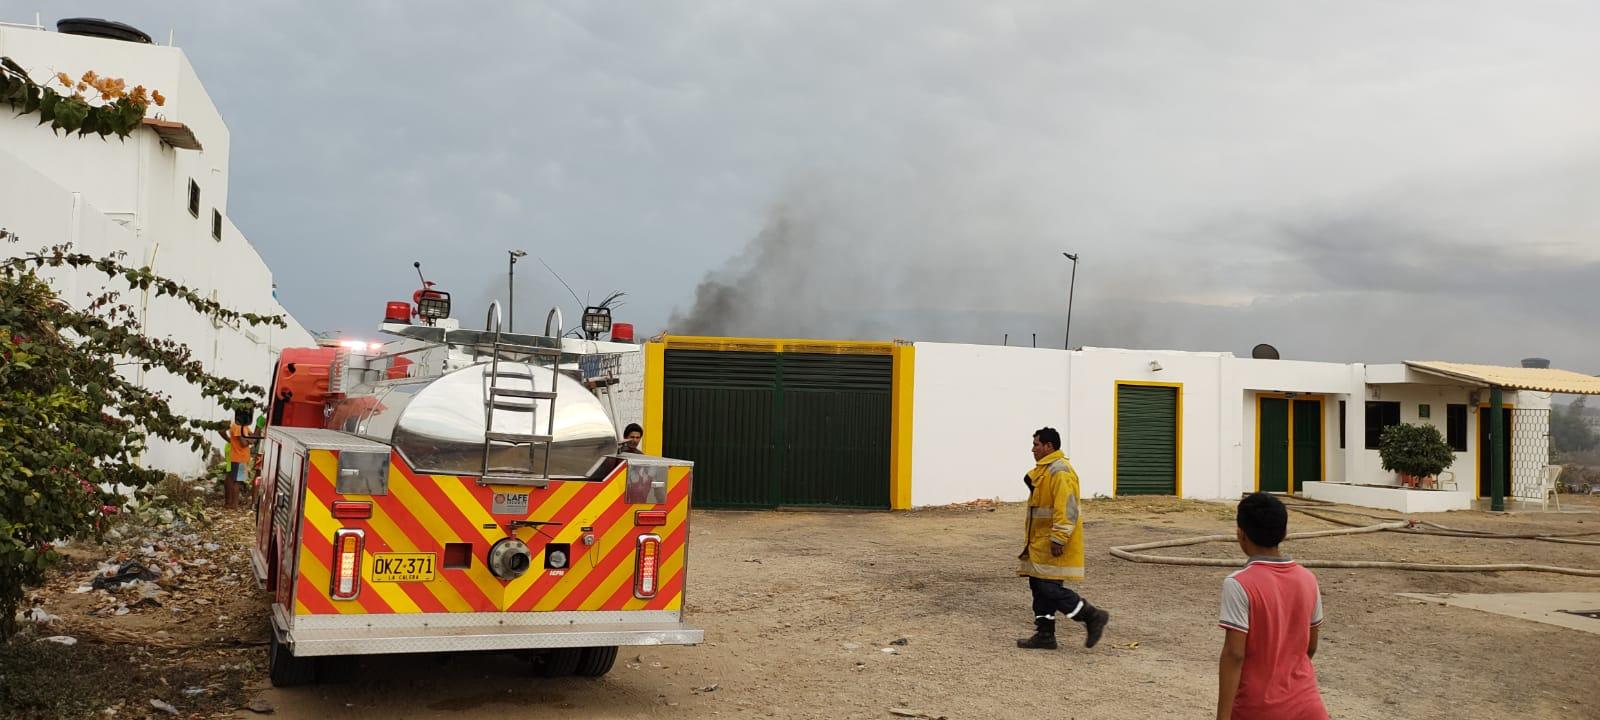 https://www.notasrosas.com/En Maicao fue conjurado incendio en una Estación de Servicio